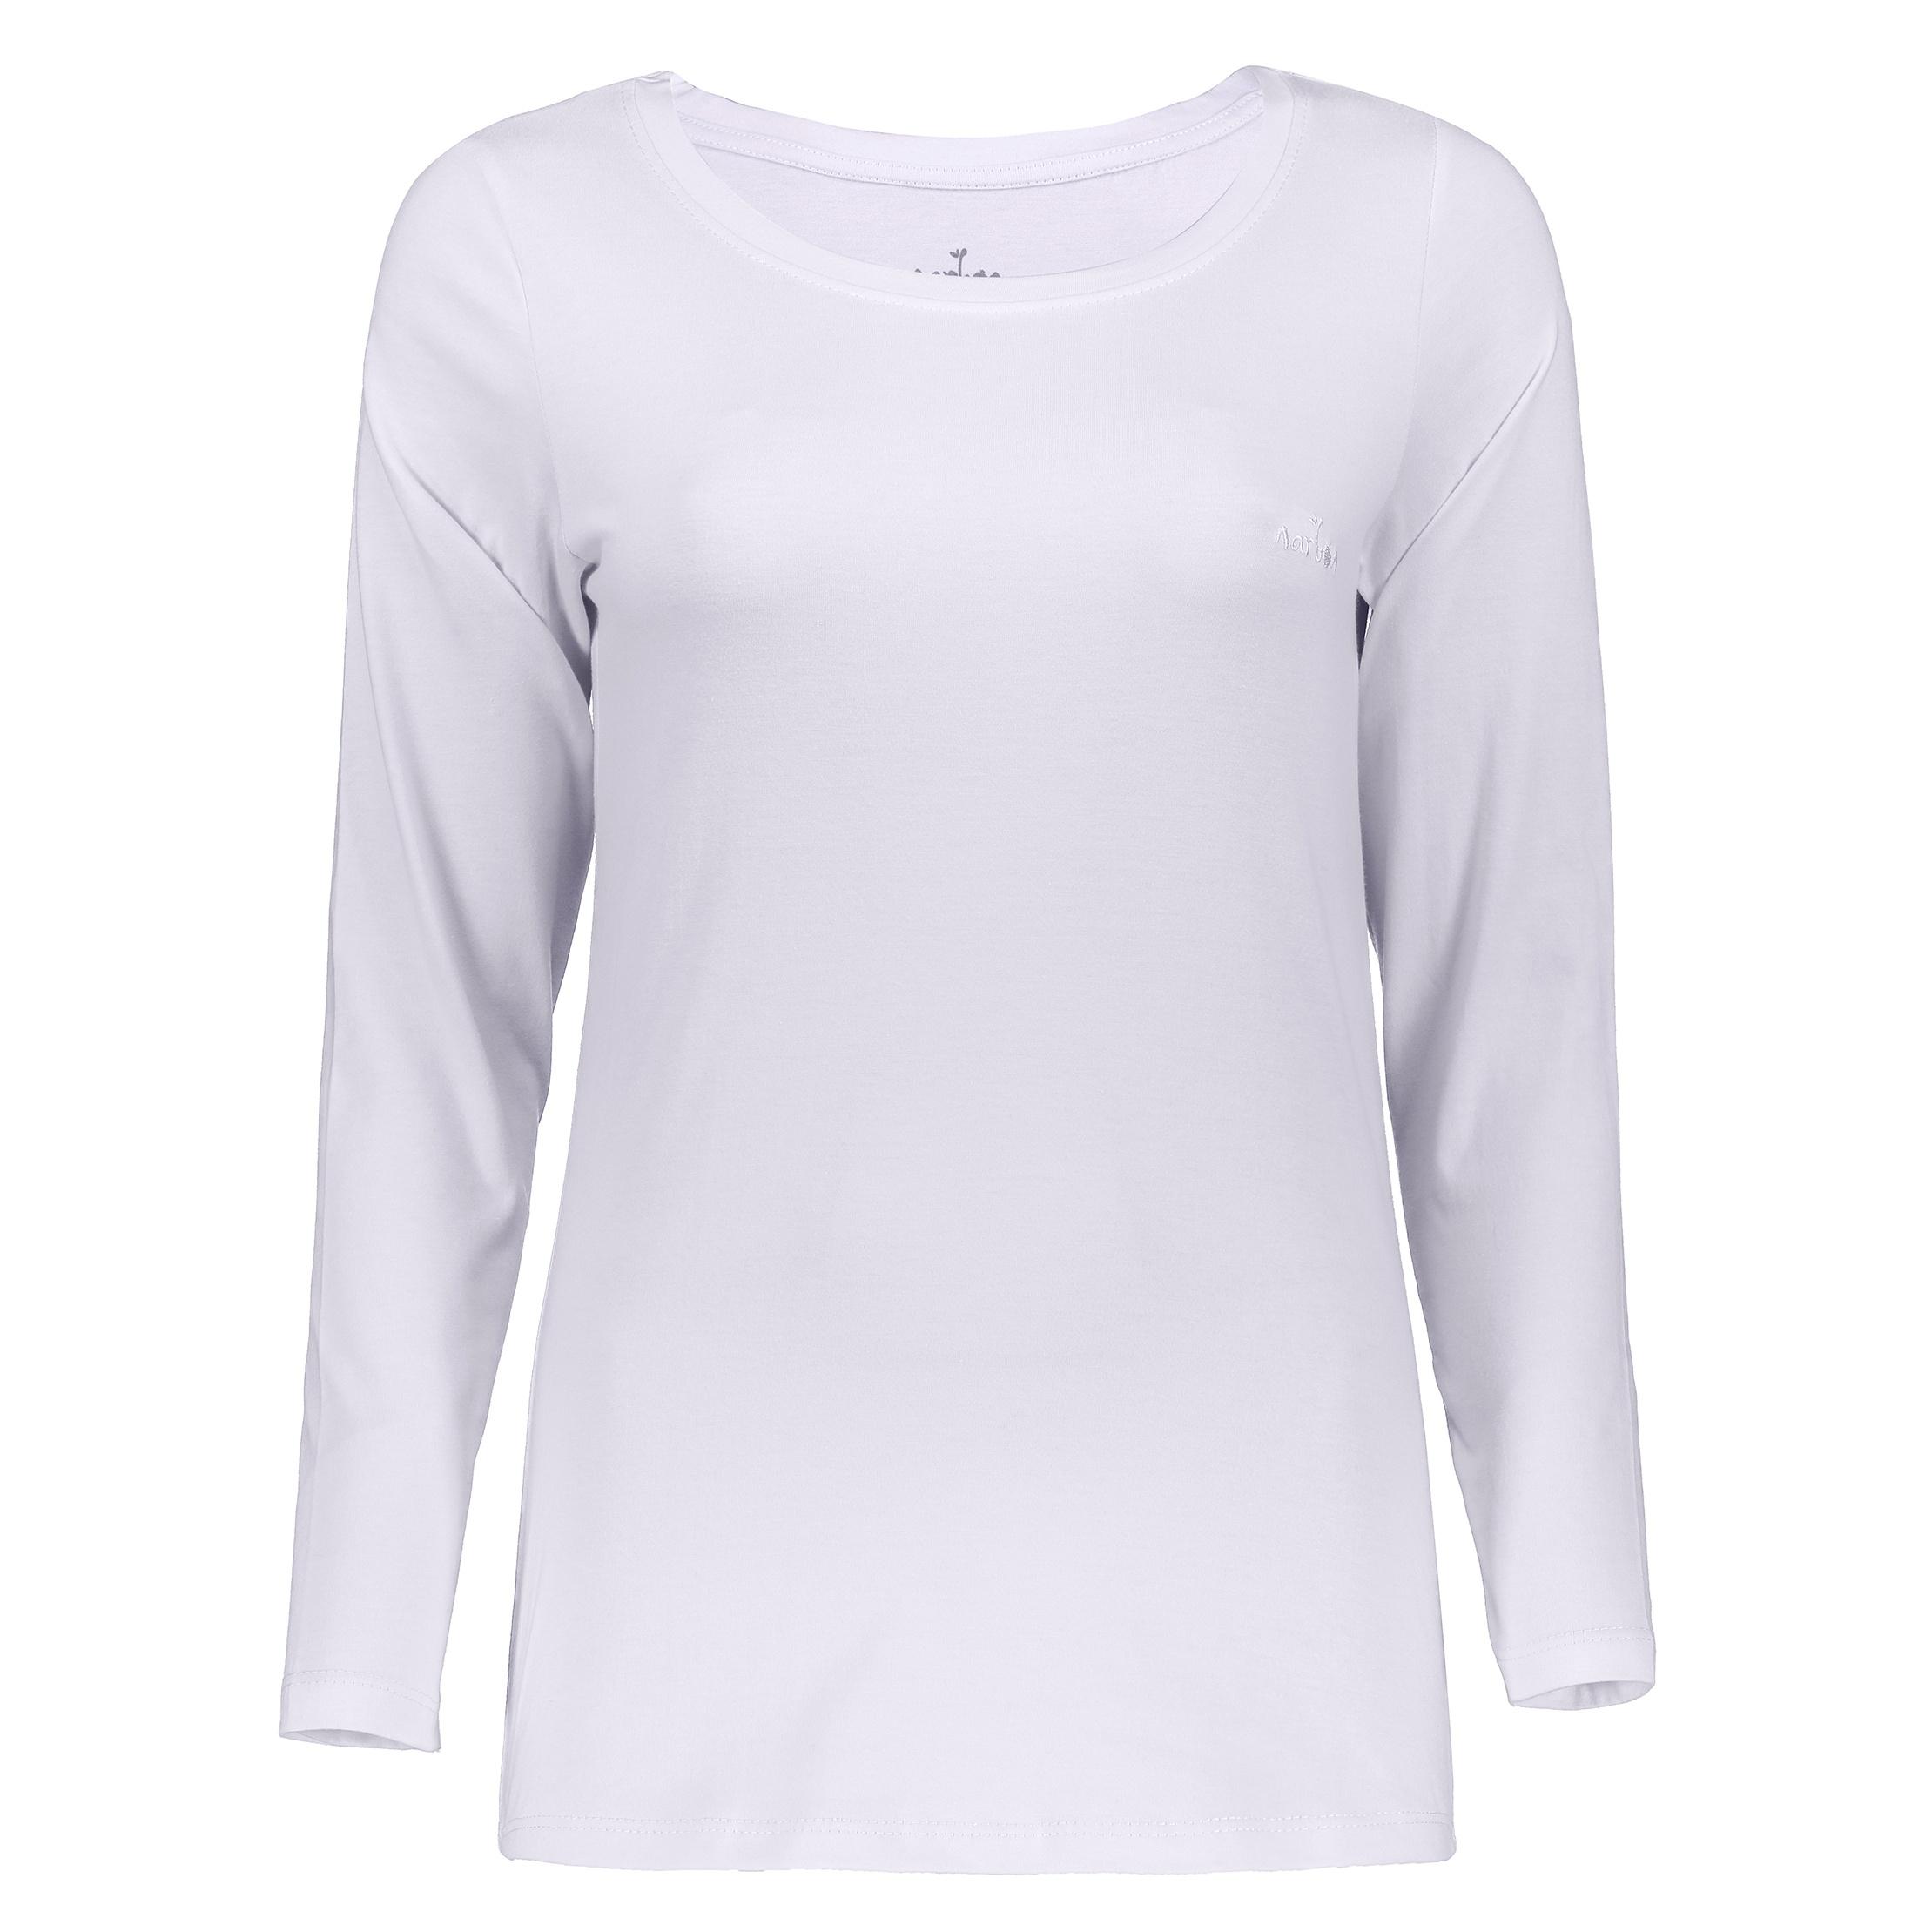 تی شرت زنانه ناربن مدل 1521156-01